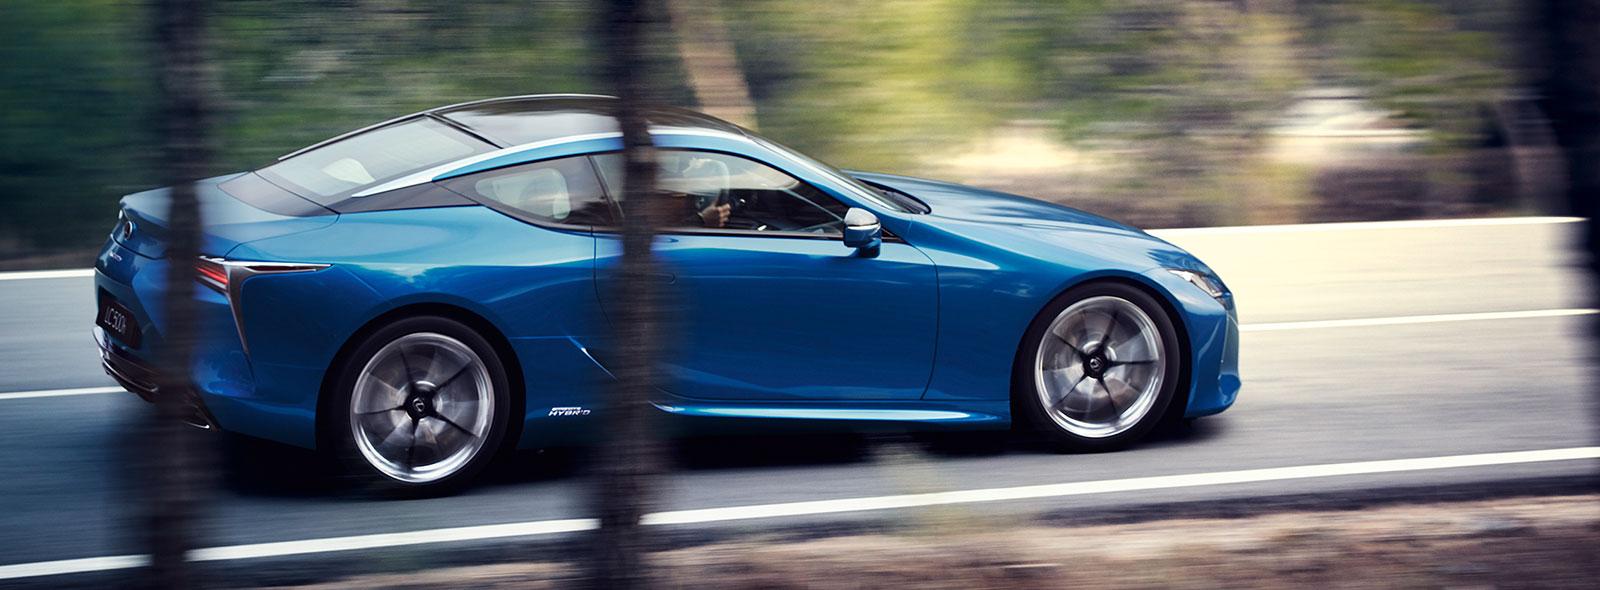 Een rijdende blauwe Lexus LC 500h